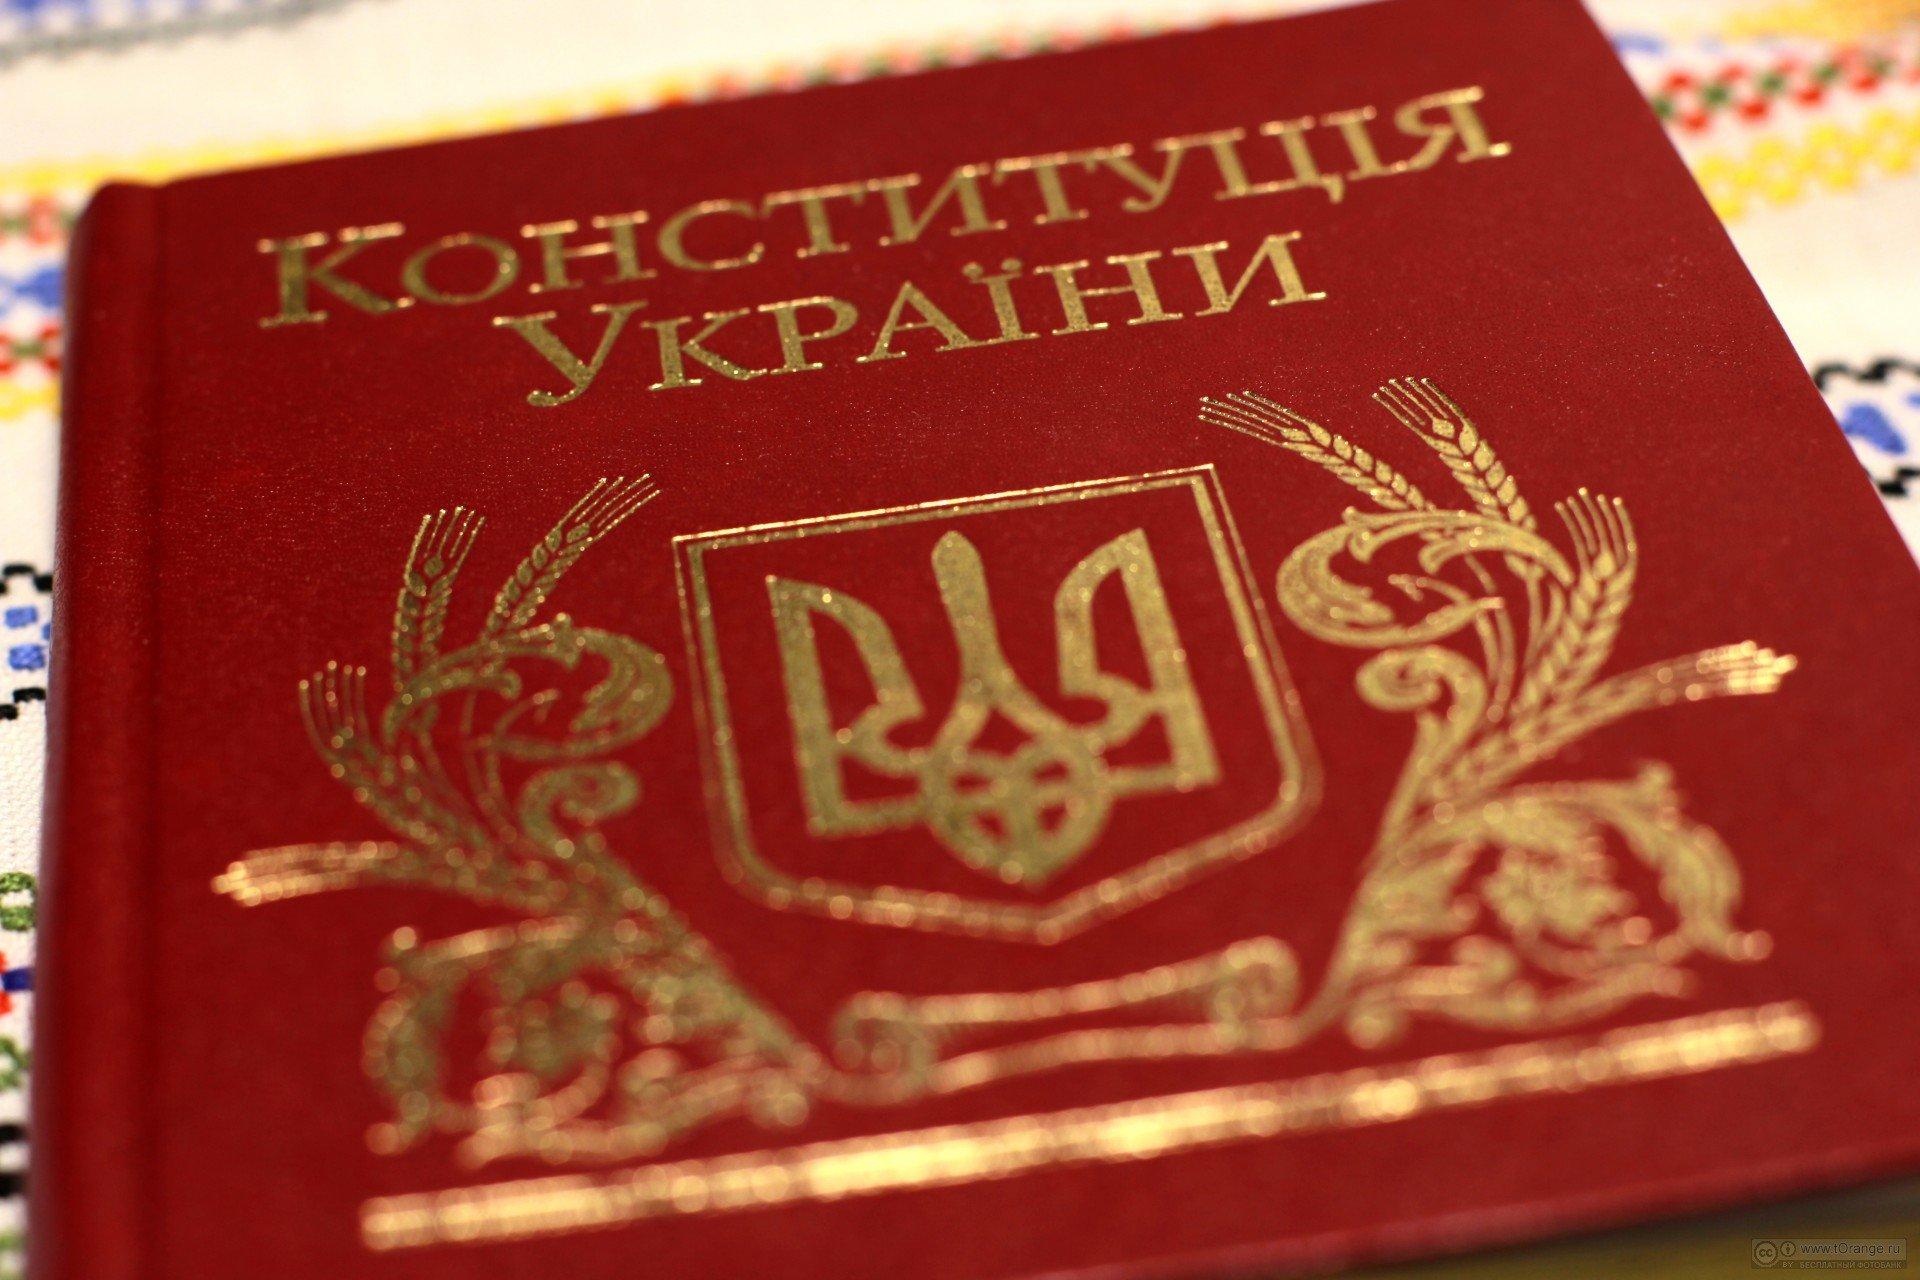 Адвокат: децентрализация власти в Украине сейчас не к месту